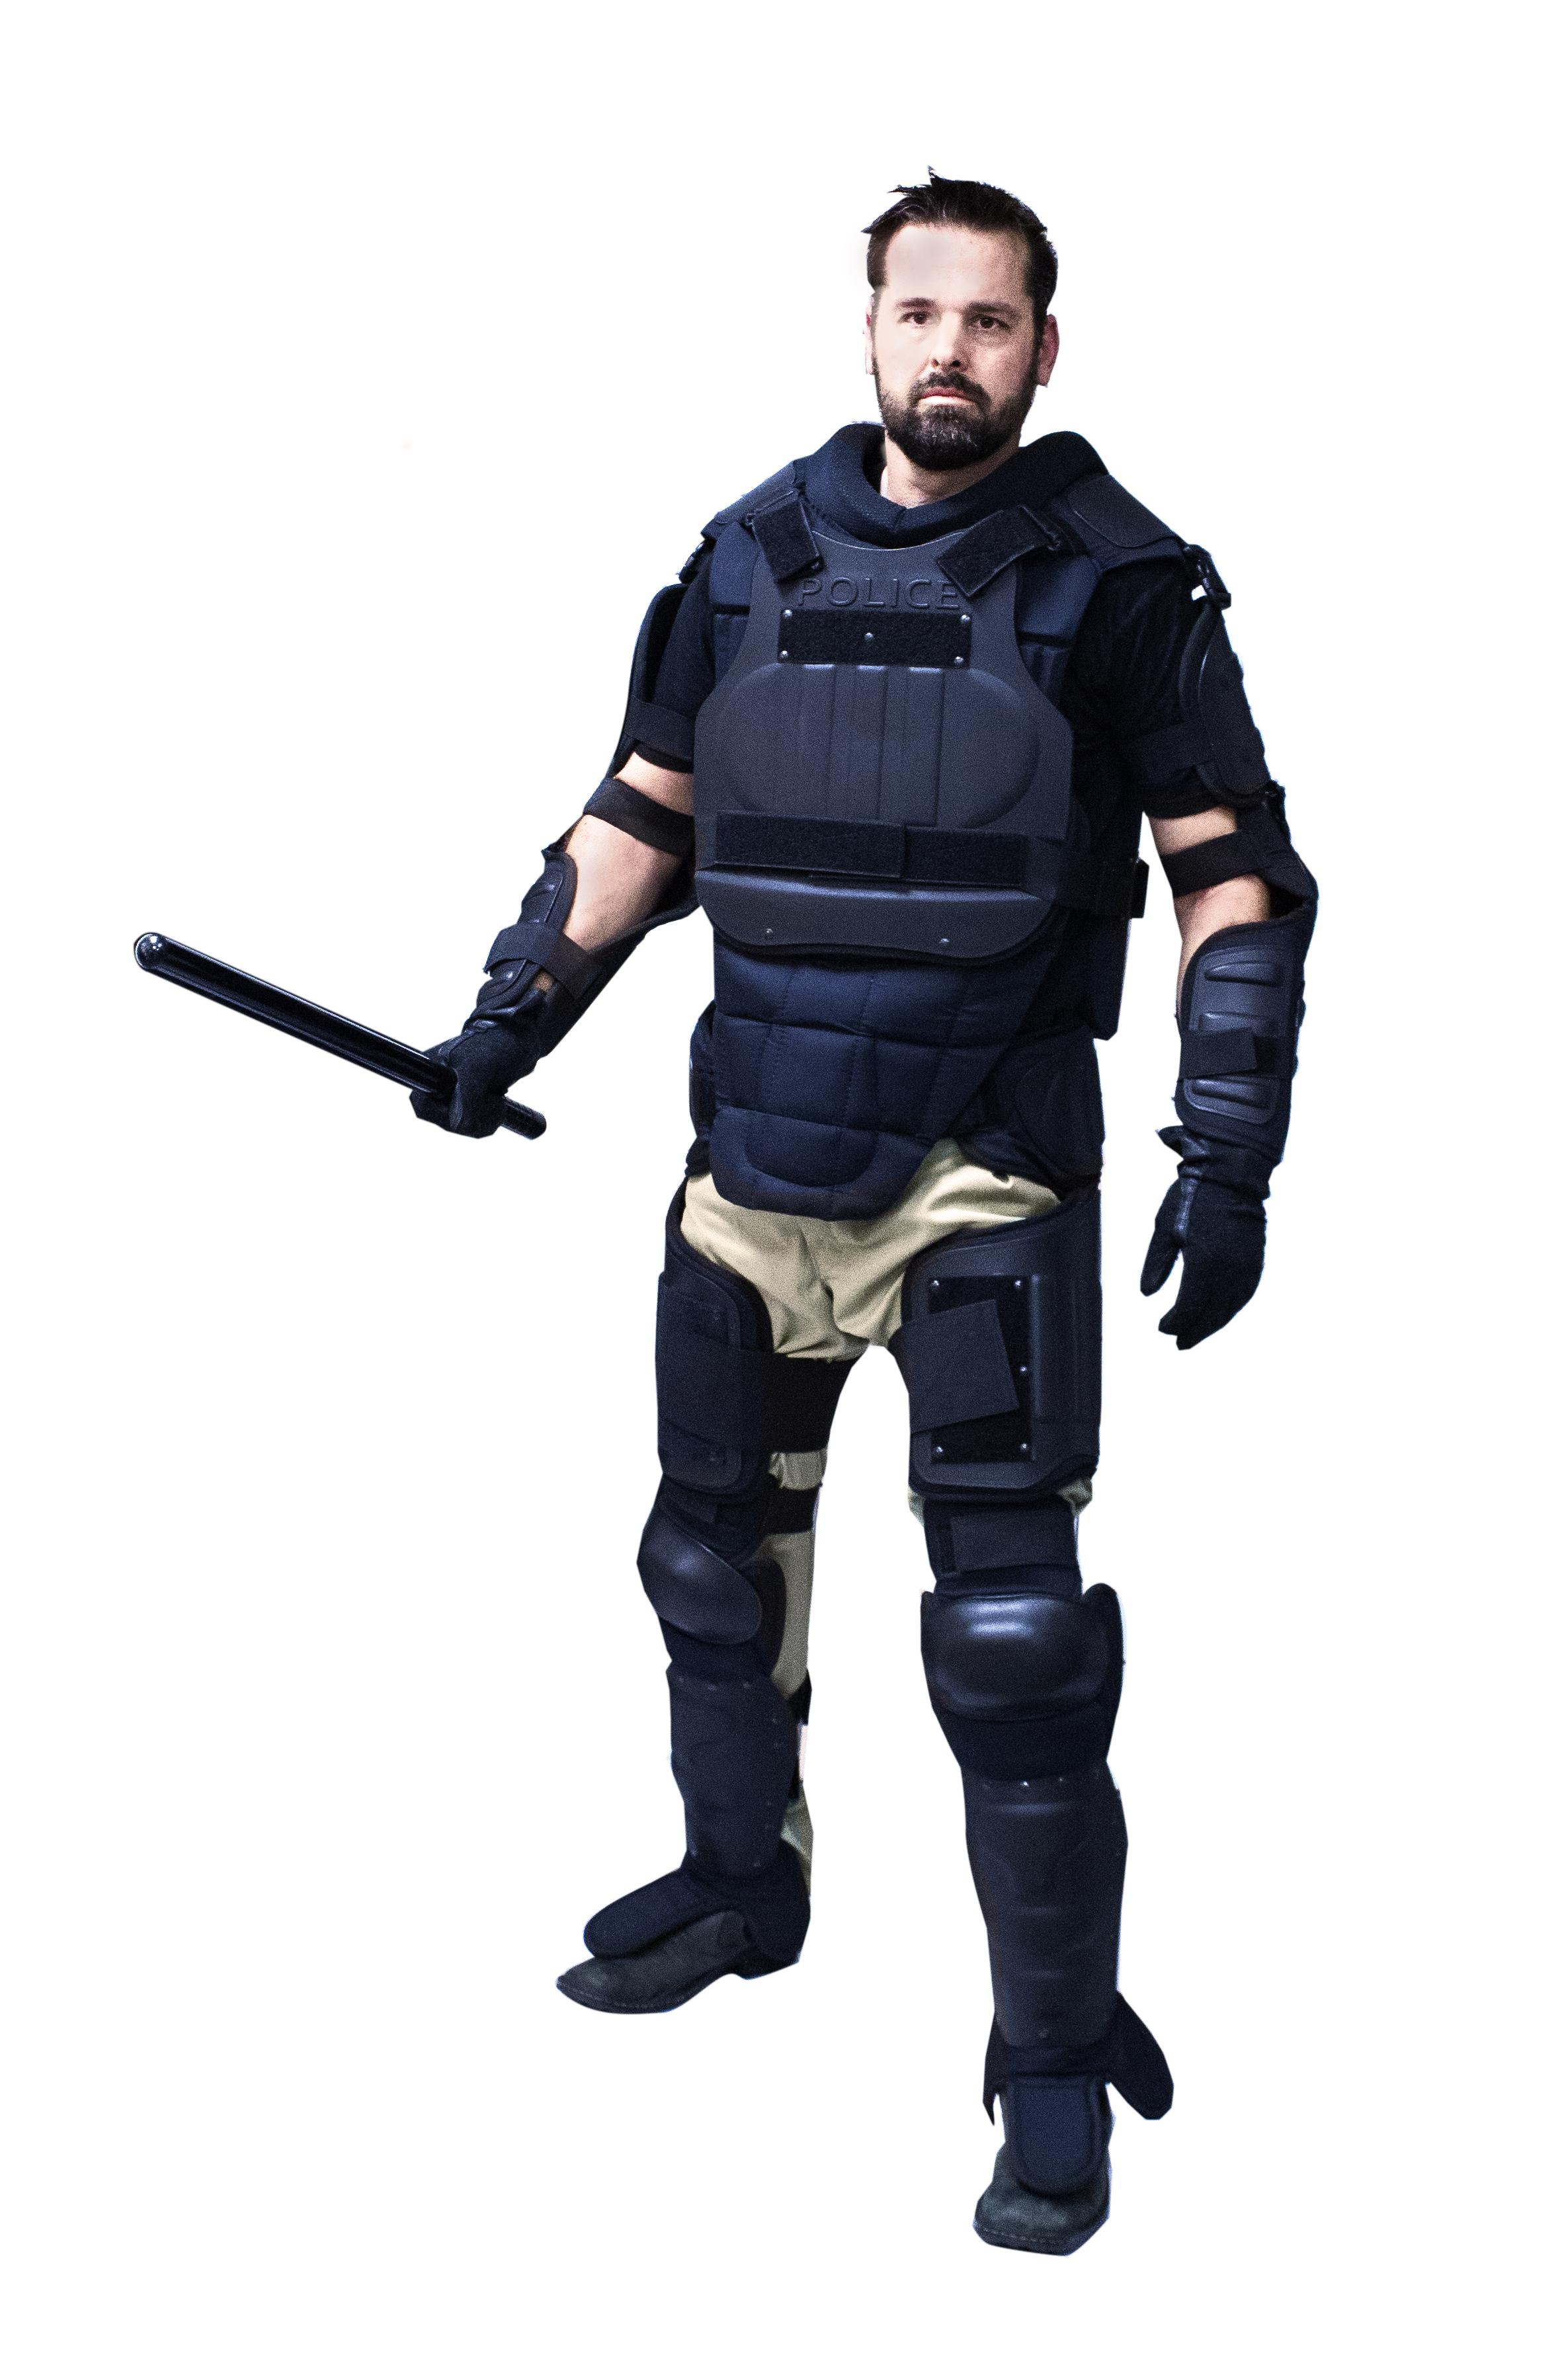 PROTEC-X RIOT SUIT